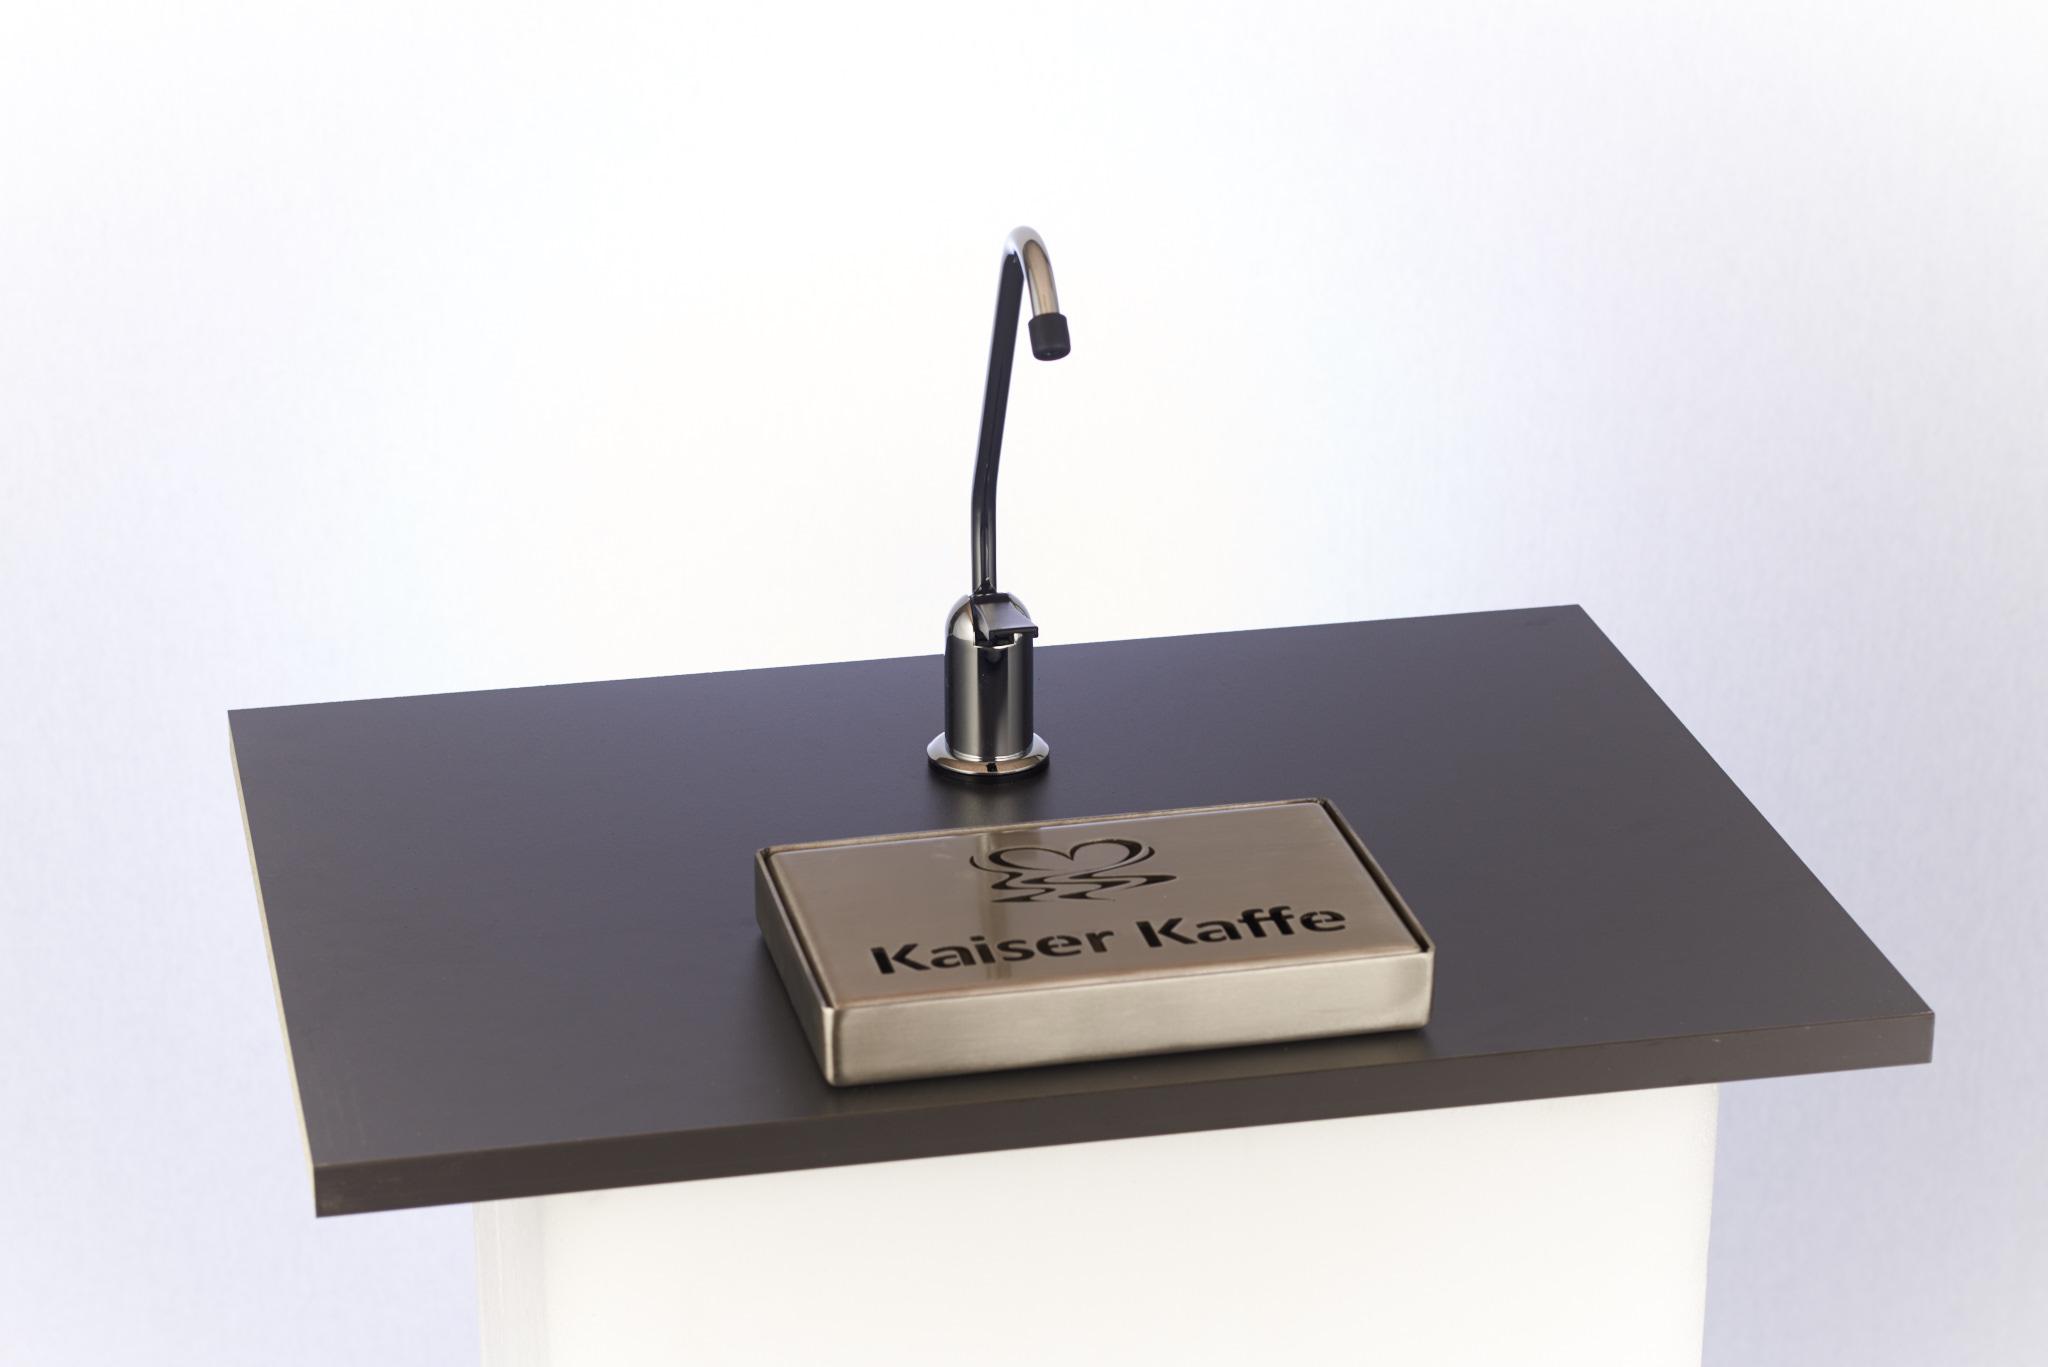 Kaiser Kaffe taphane 13208 - Produkt kategori